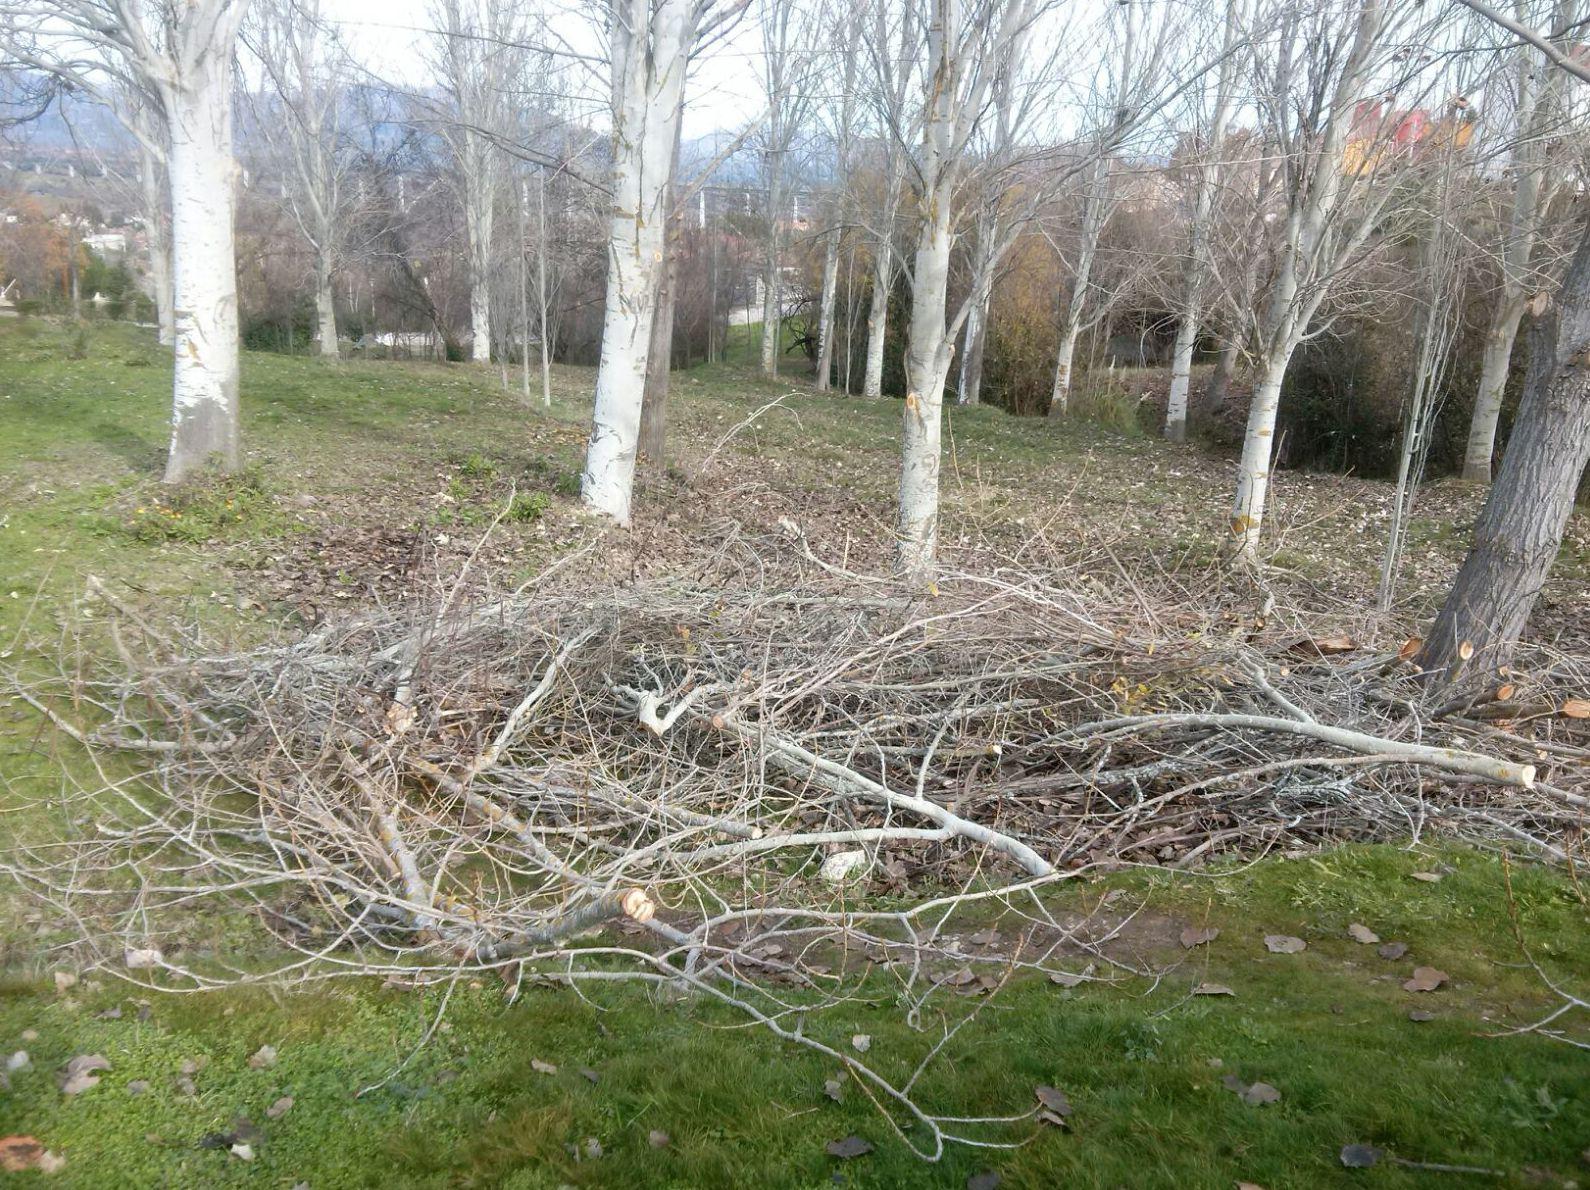 Limpieza de parques y jardines